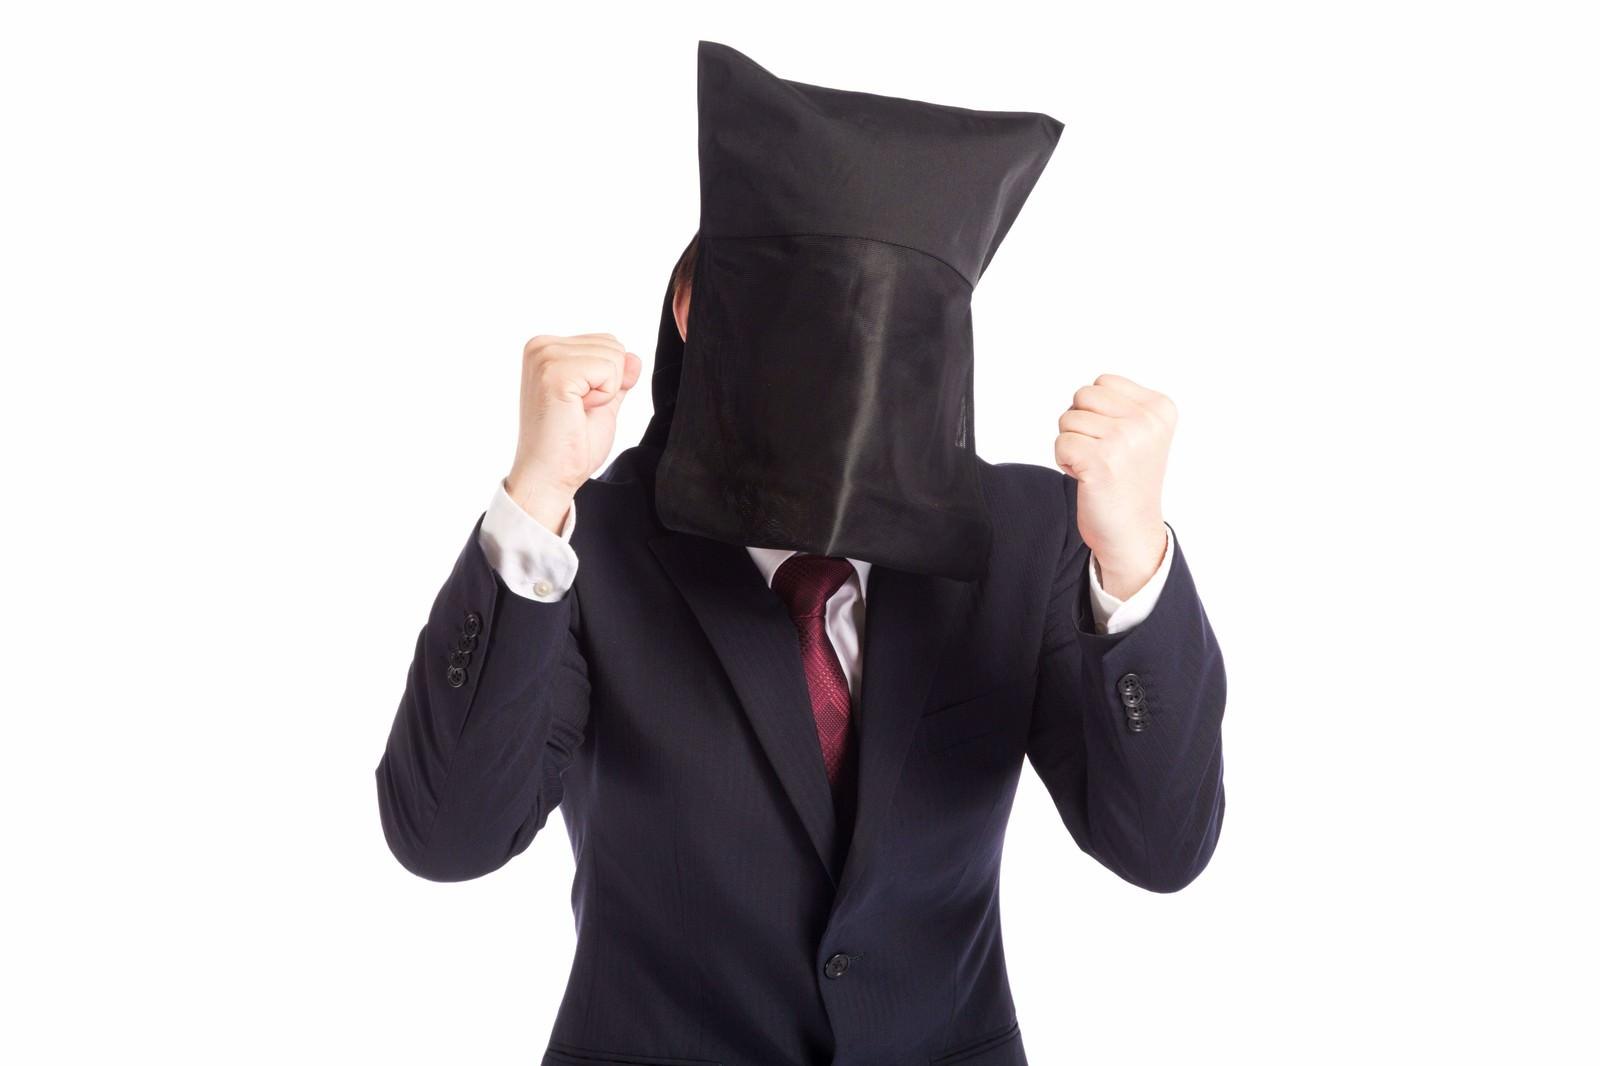 「匿名でも弱腰の営業マン匿名でも弱腰の営業マン」[モデル:鈴木秀]のフリー写真素材を拡大